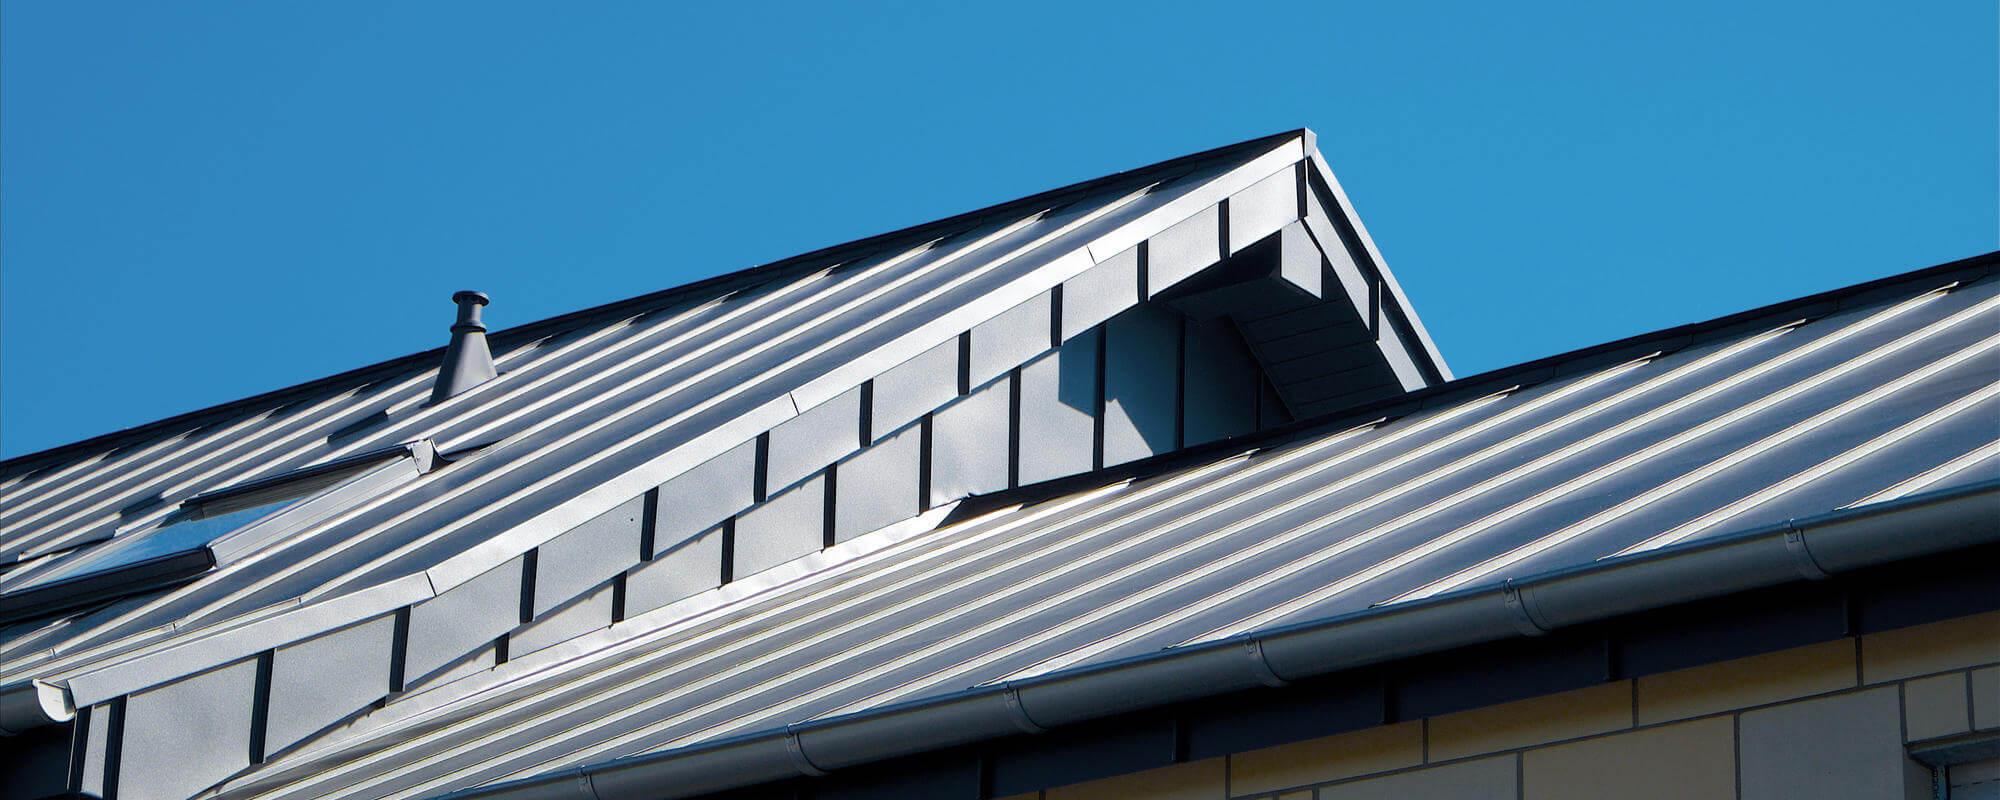 Aliuminio stogo dangos